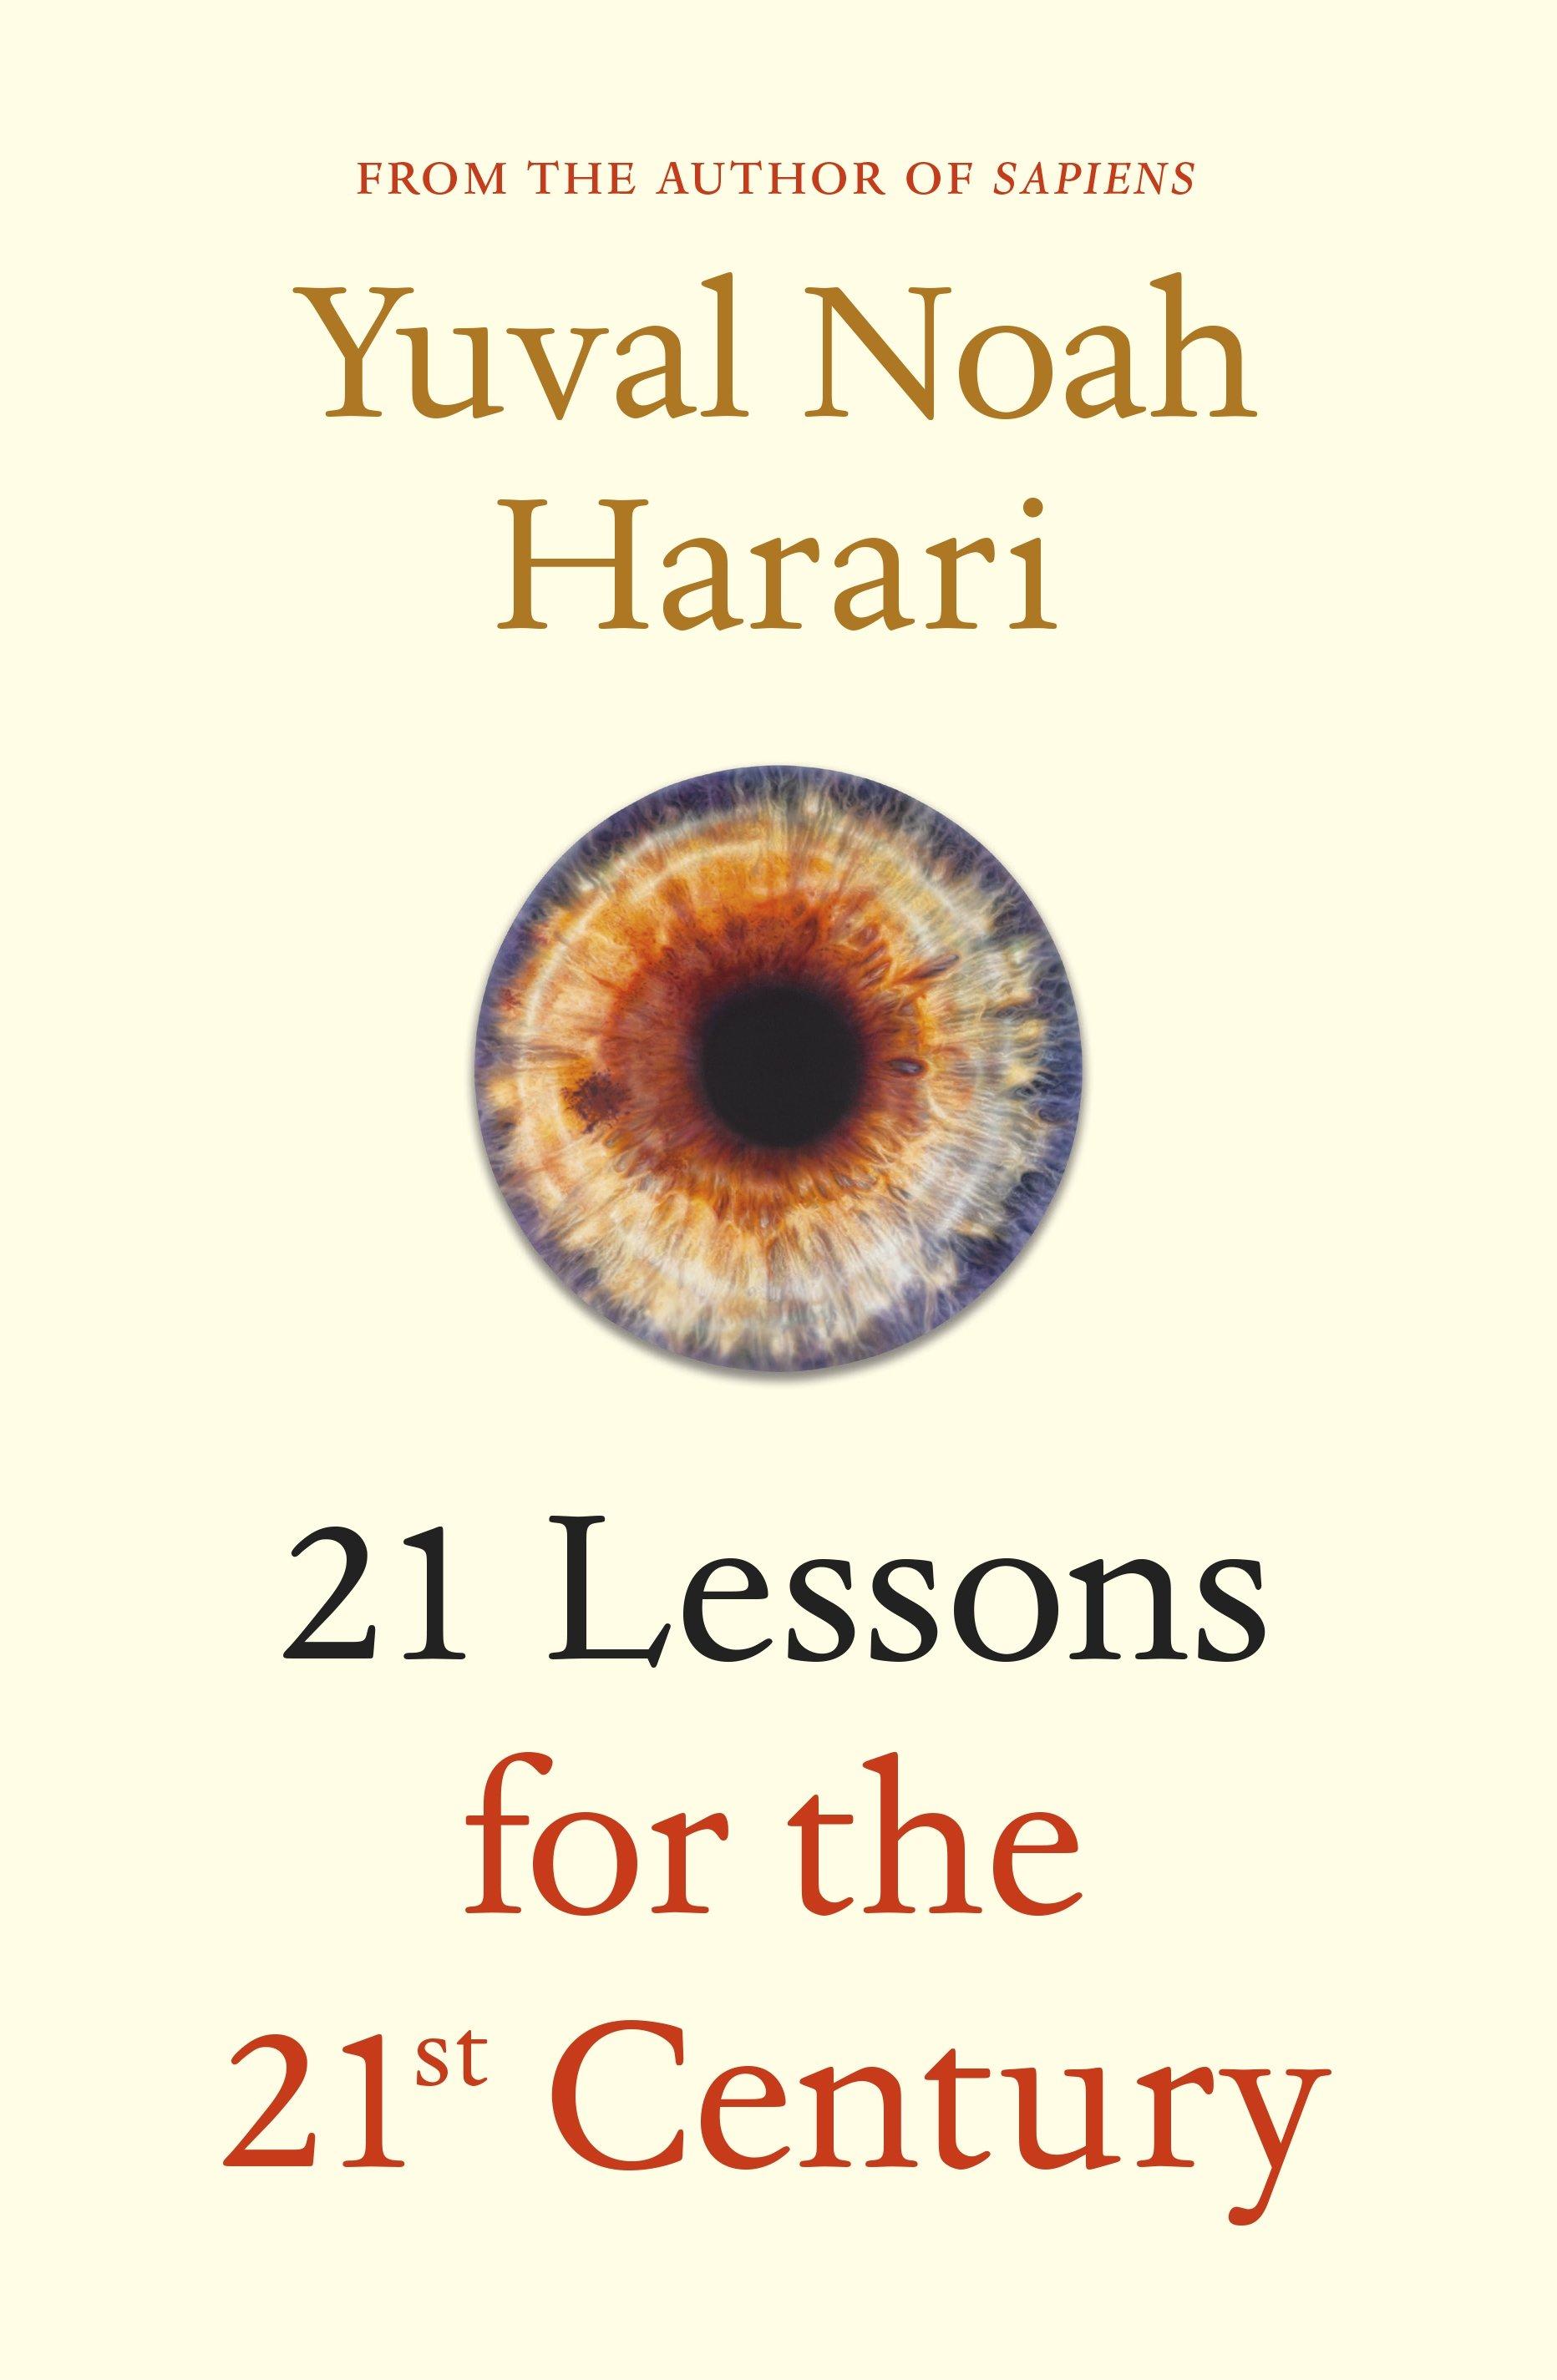 21 Lessons for 21st C.jpg